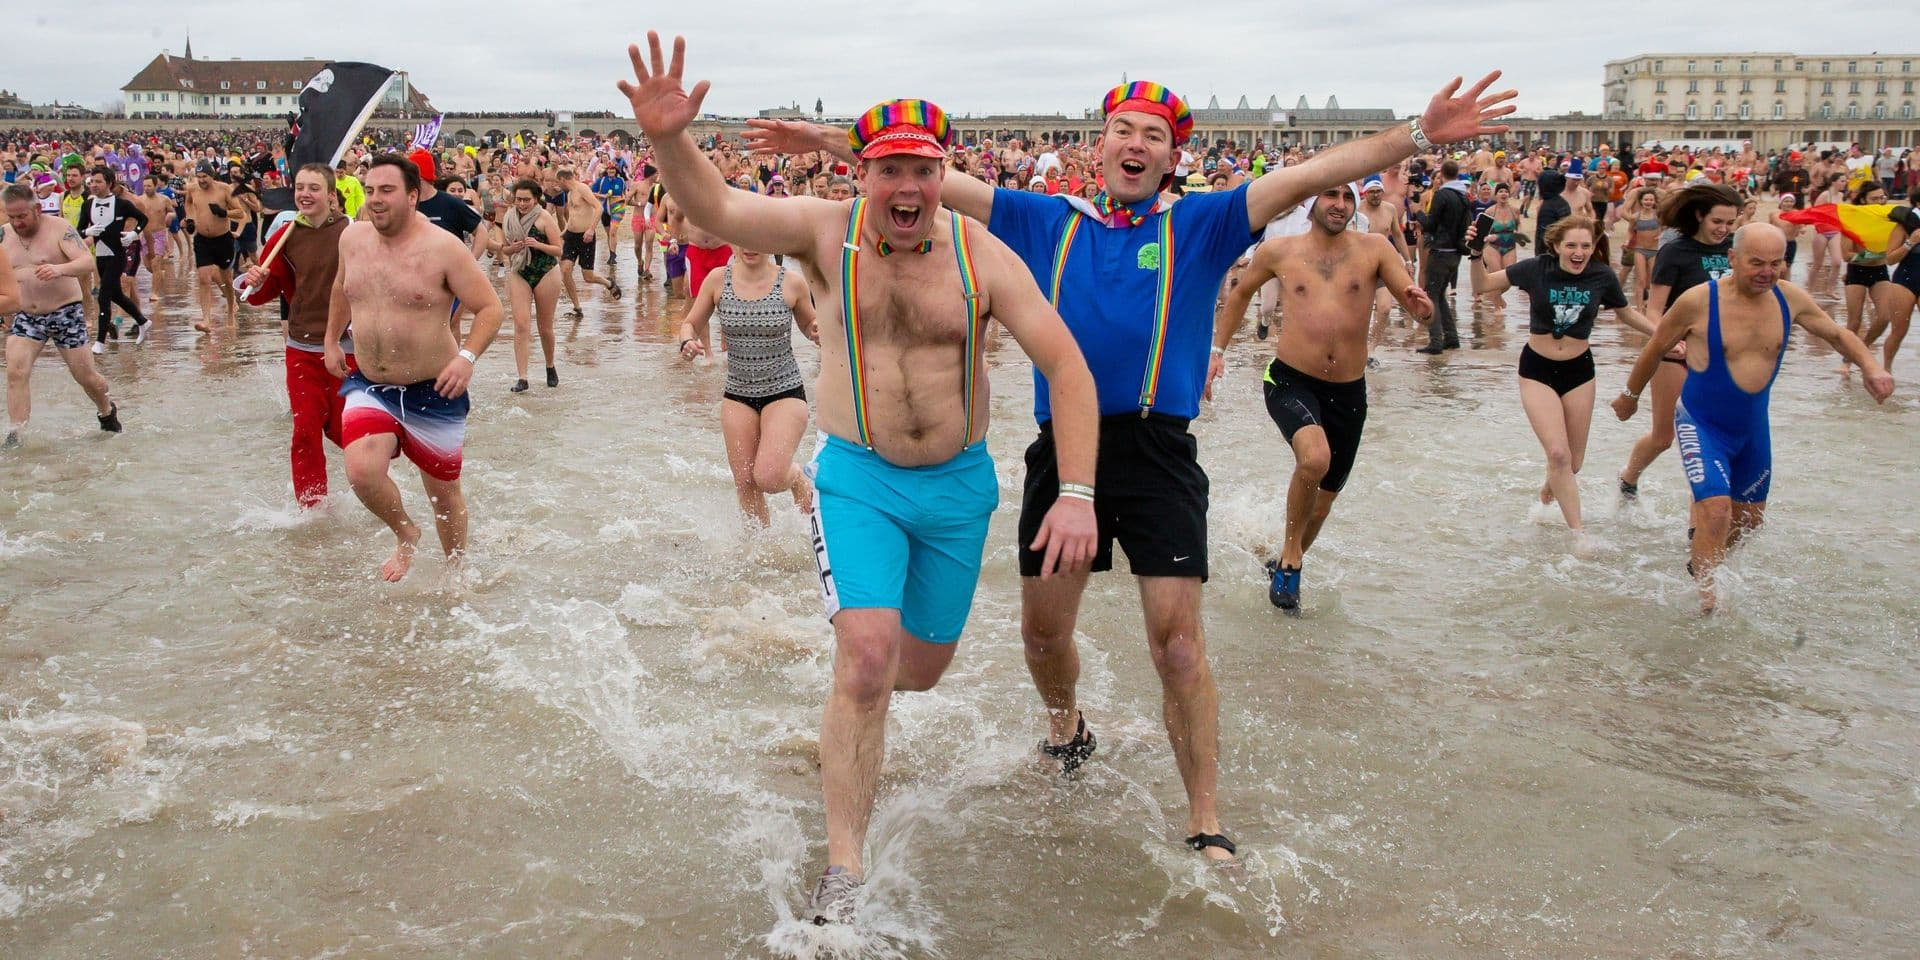 Le traditionnel plongeon du Nouvel An a attiré 4.750 courageux baigneurs à Ostende